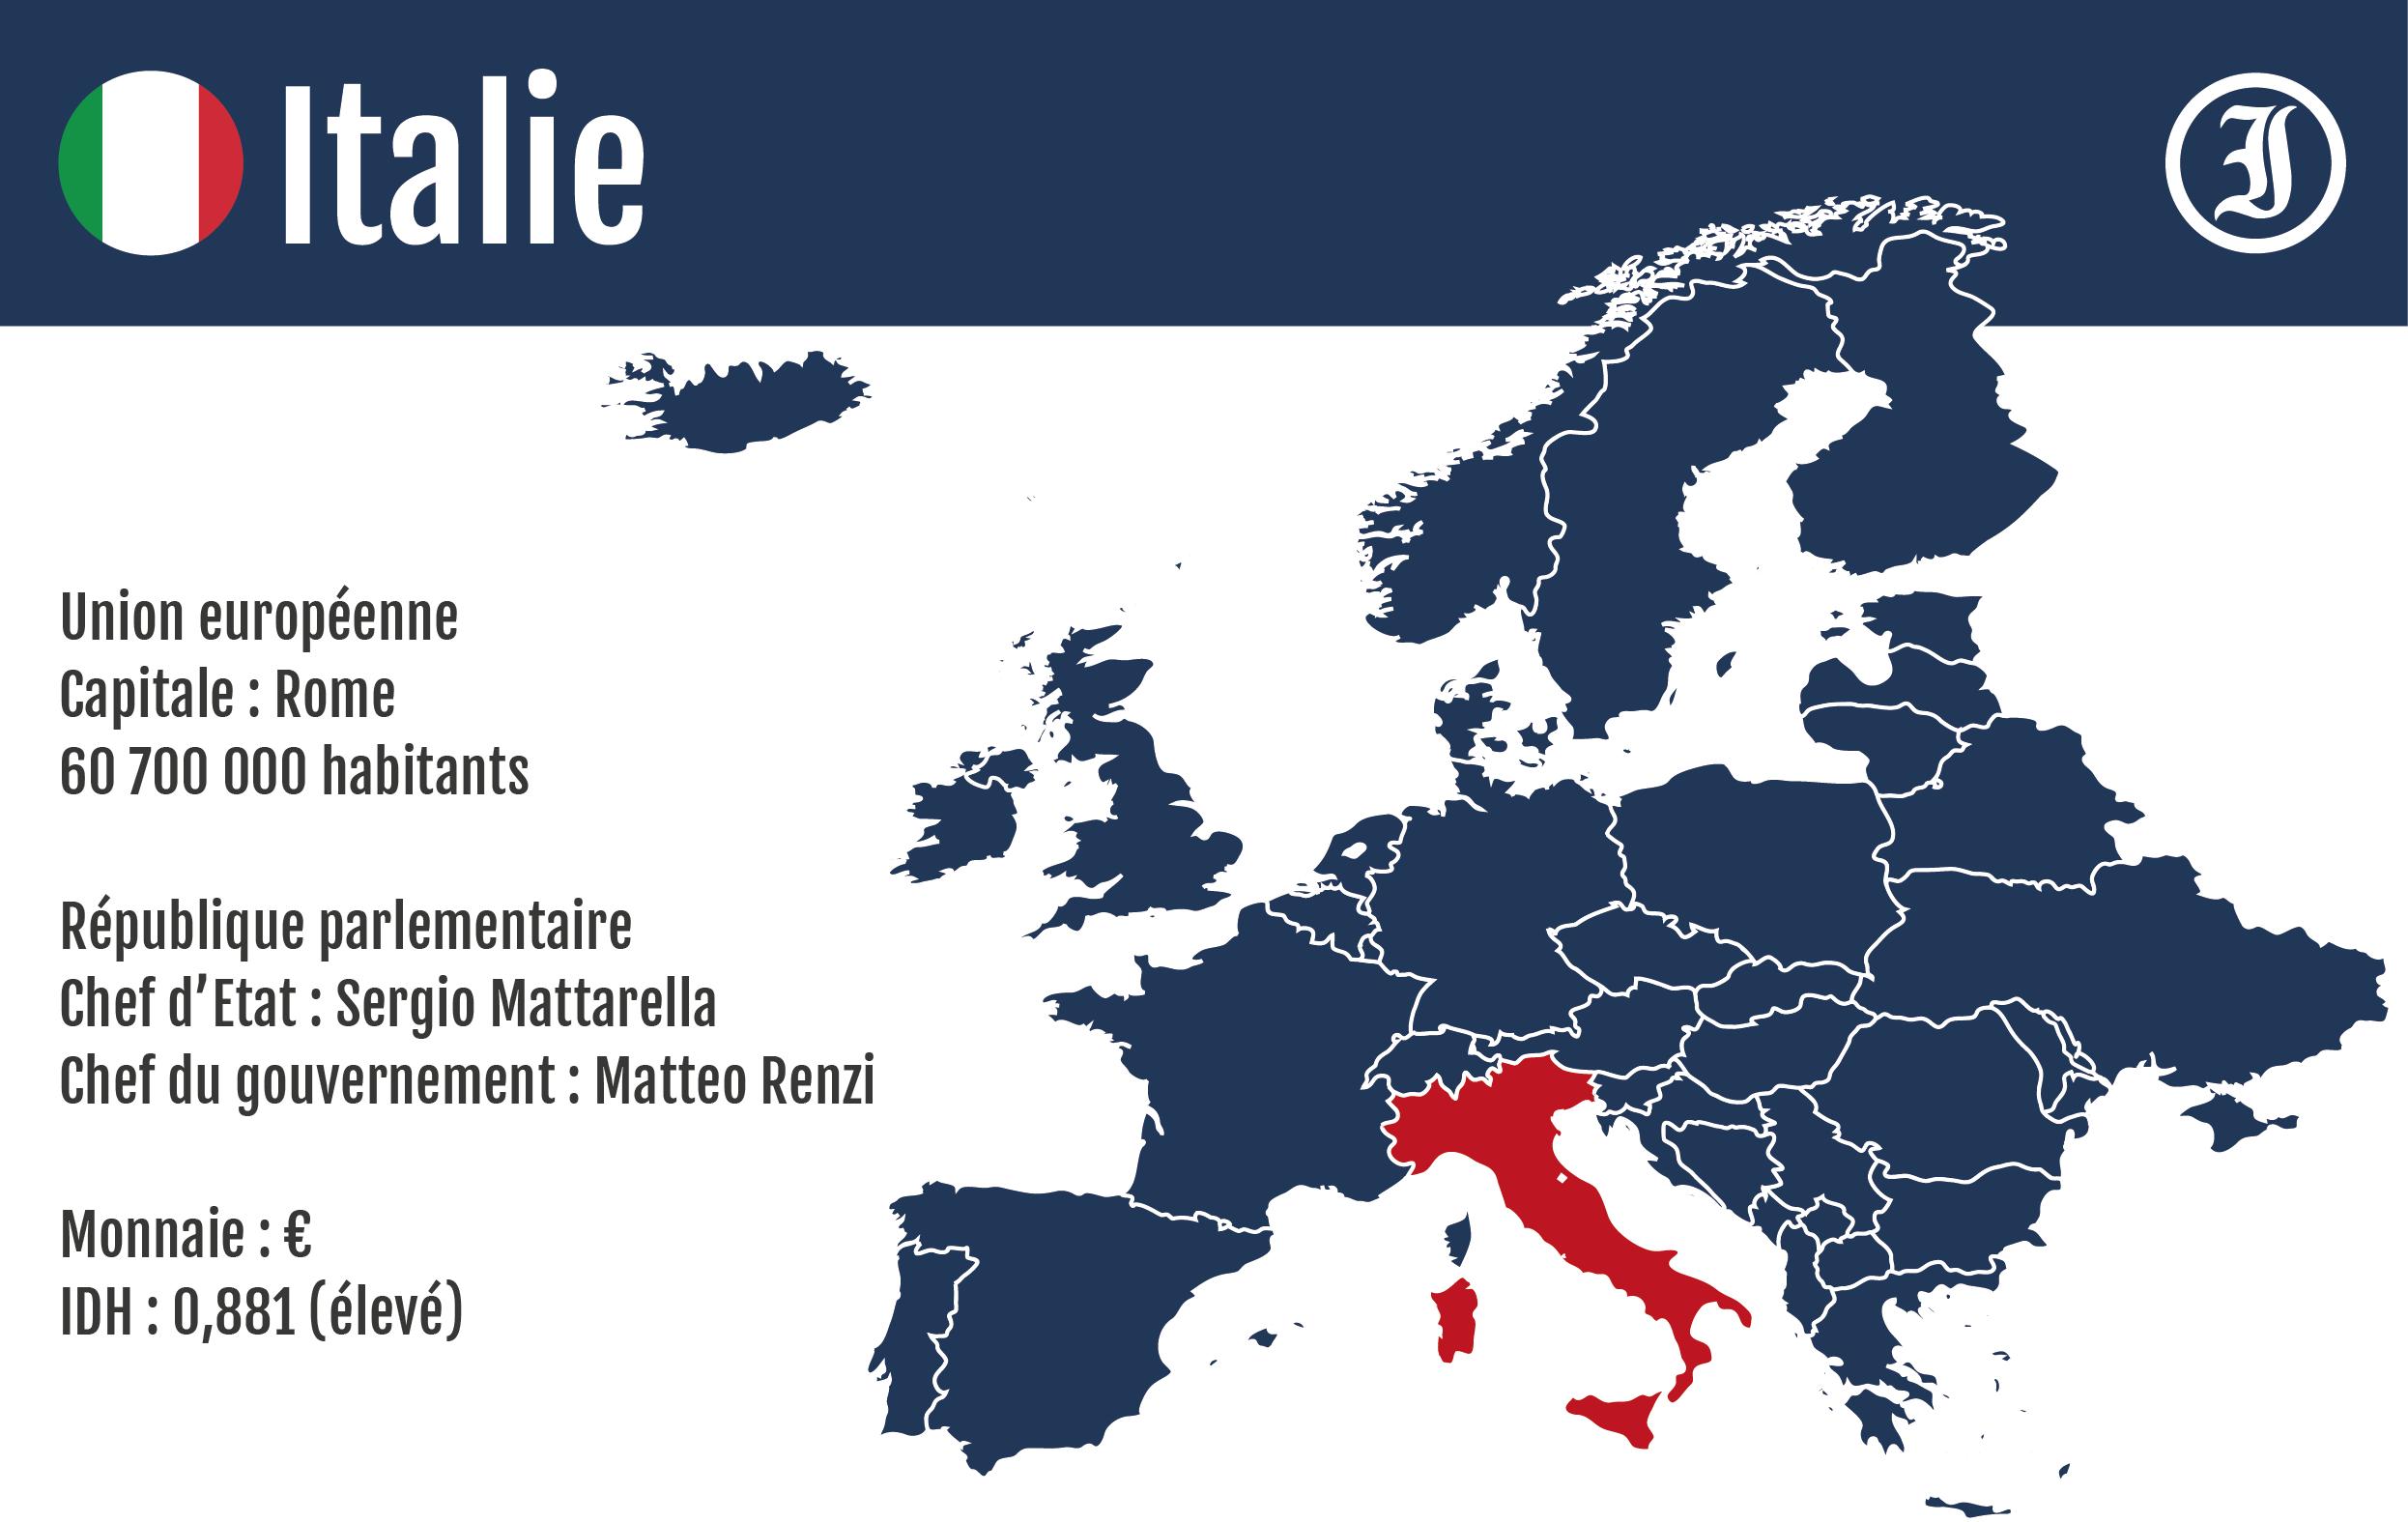 L'Italie condamnée pour violences policières au G8 de 2001